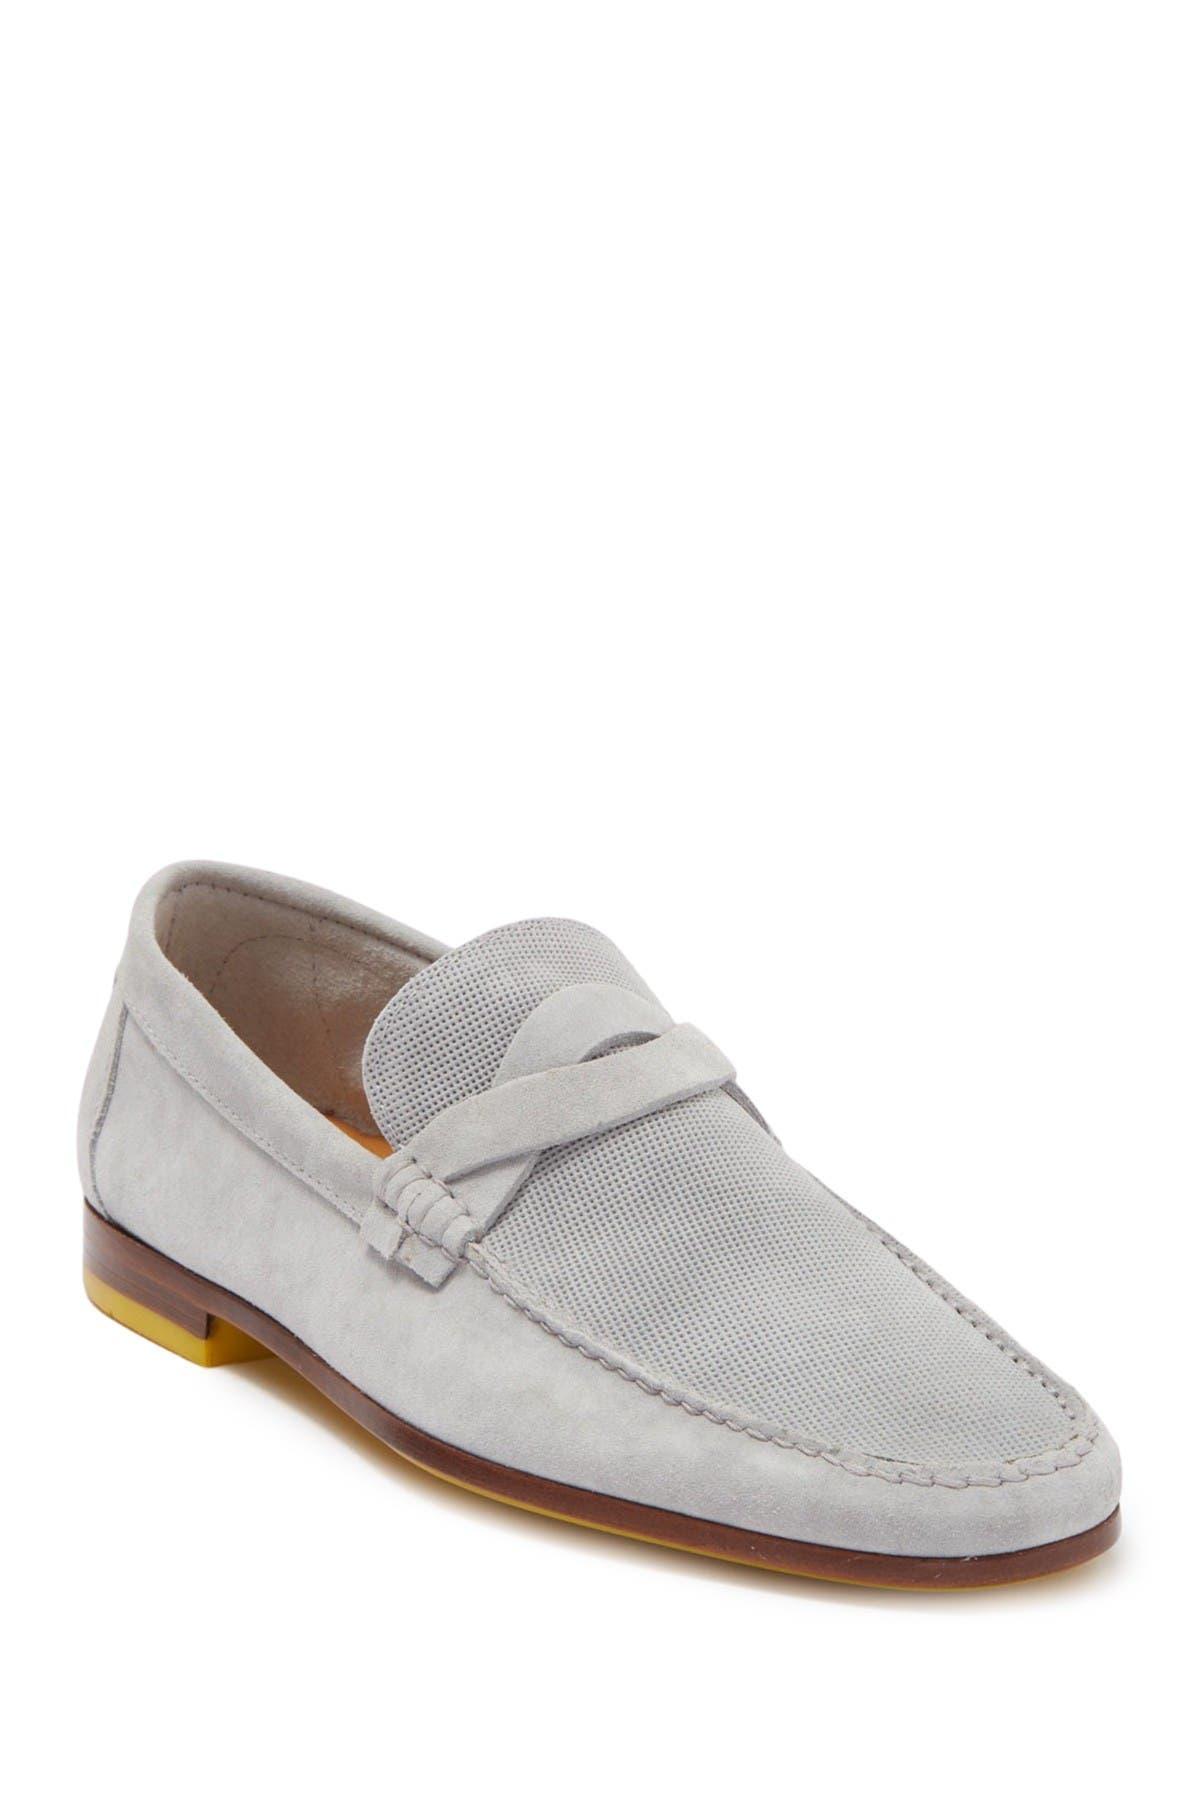 Image of Donald Pliner Hockney Leather Loafer